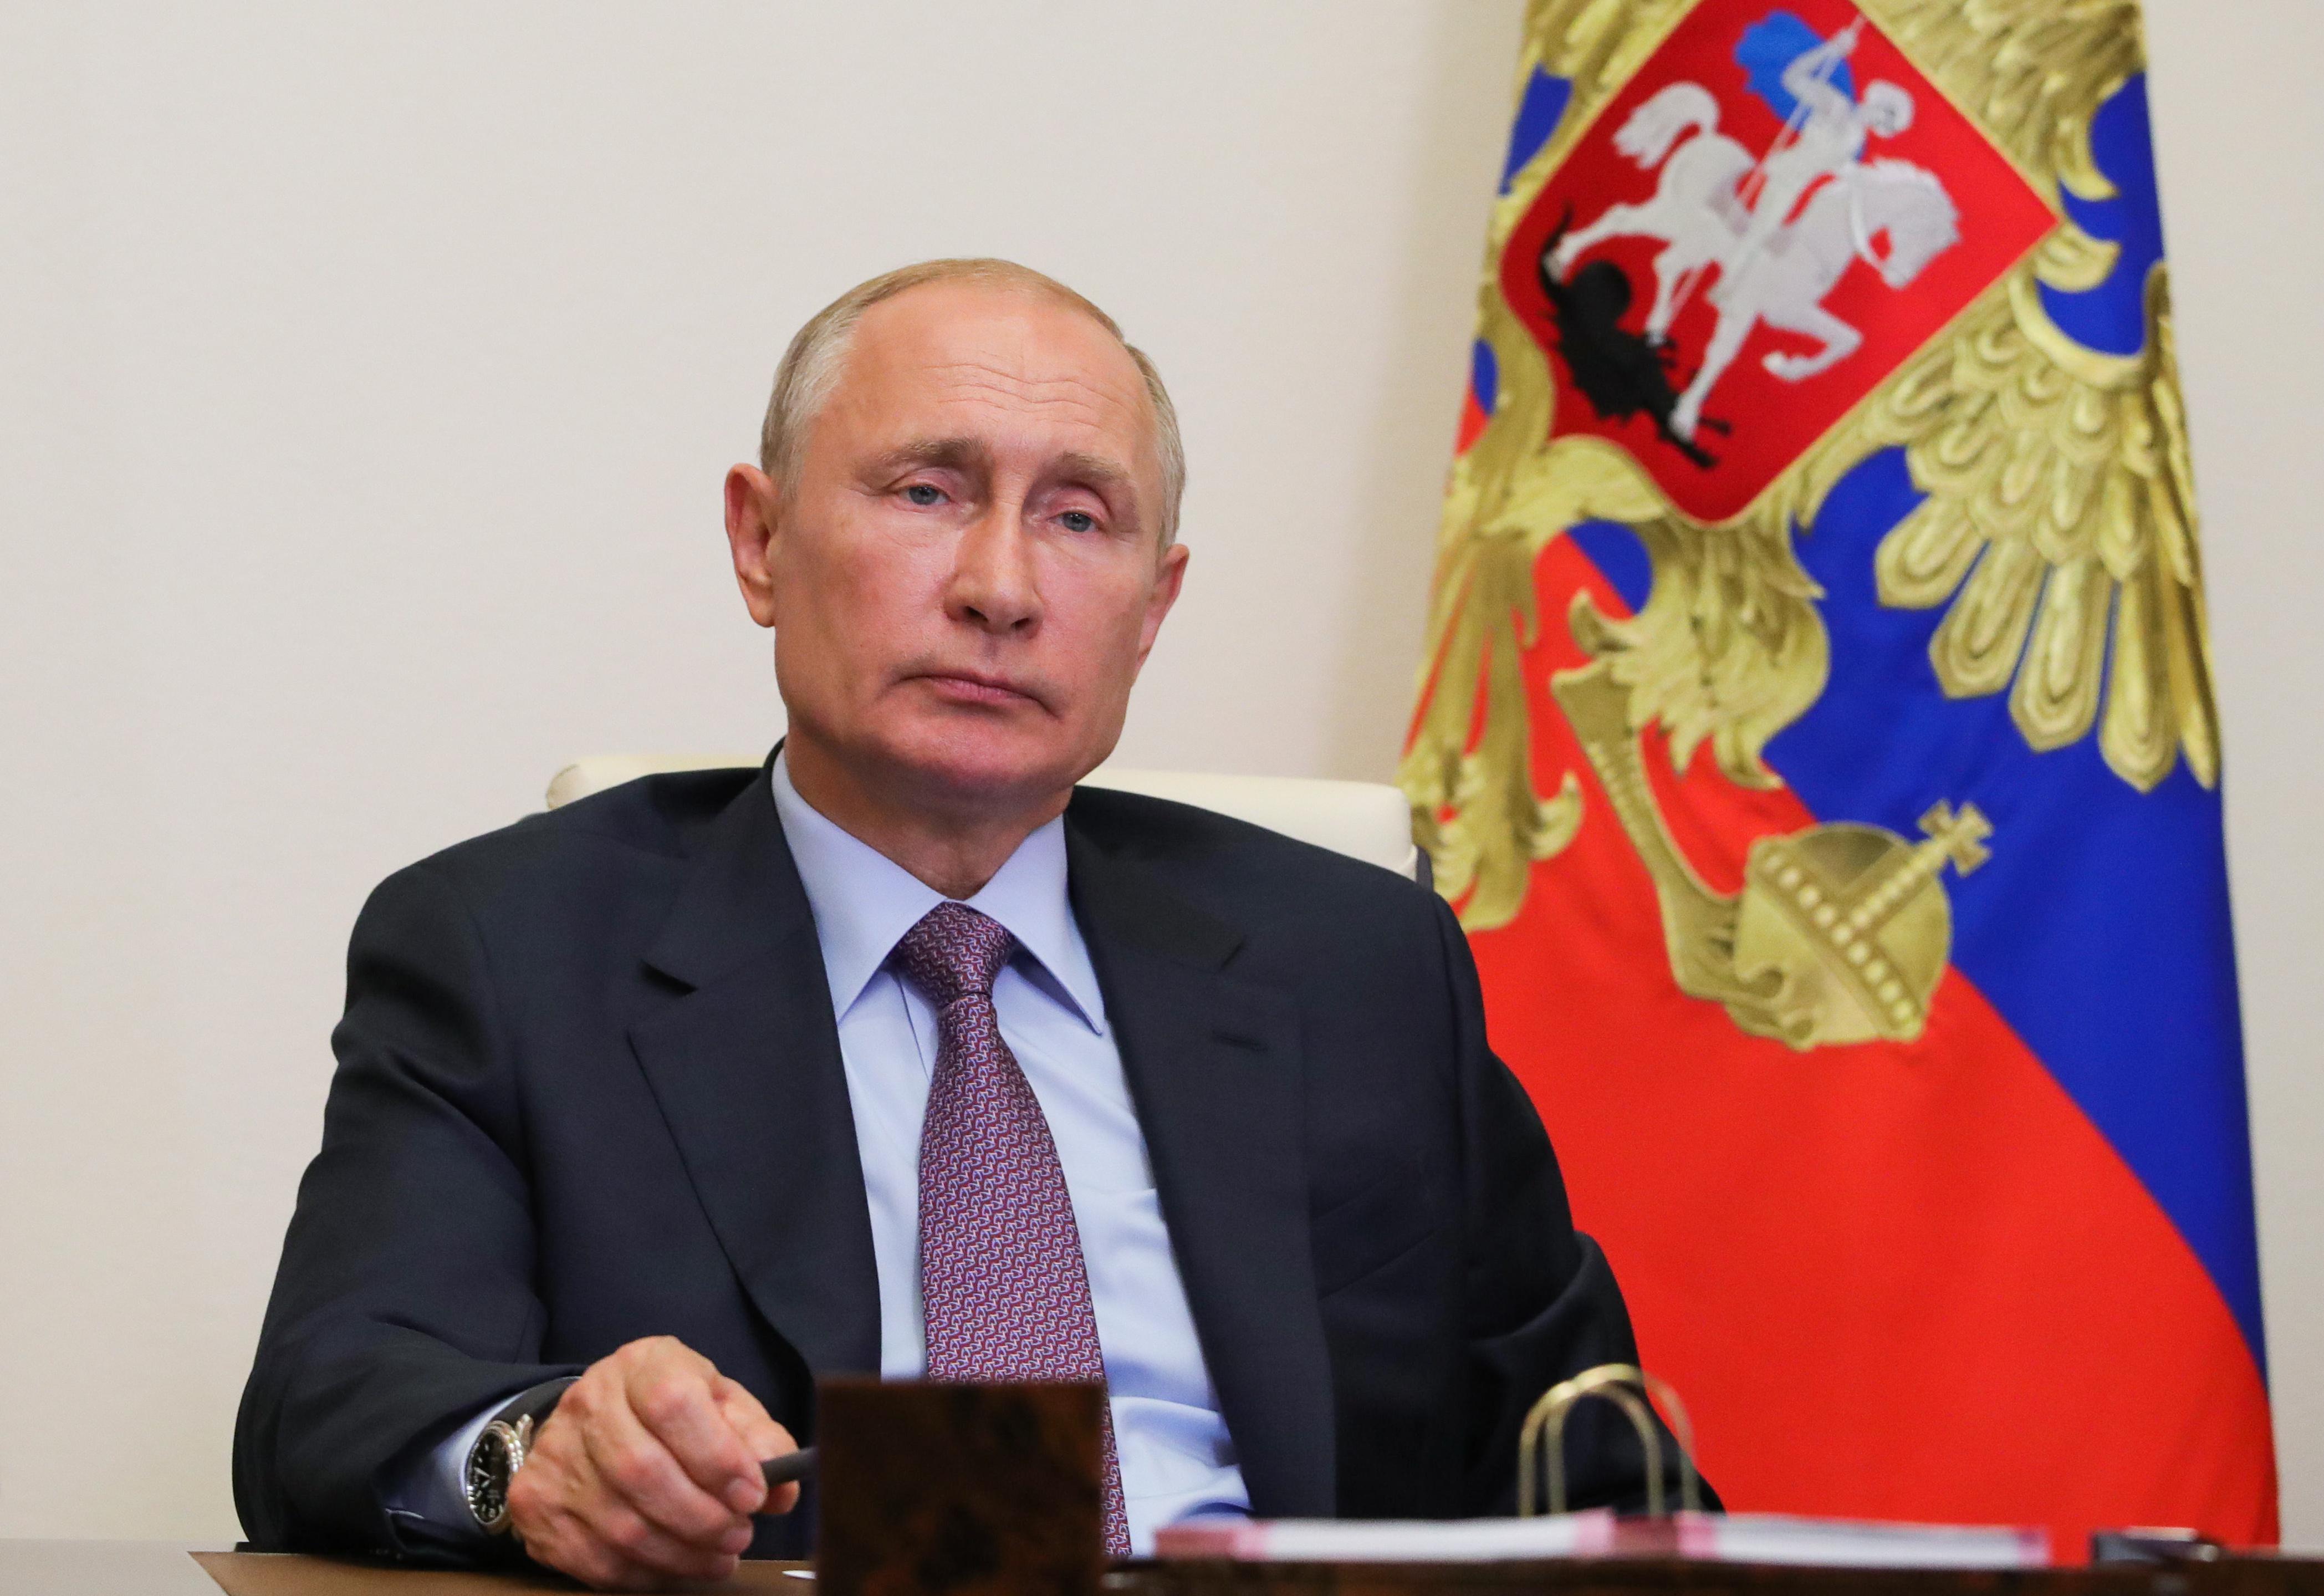 Путин: Общенациональное единение позволило достойно ответить на вызов эпидемии